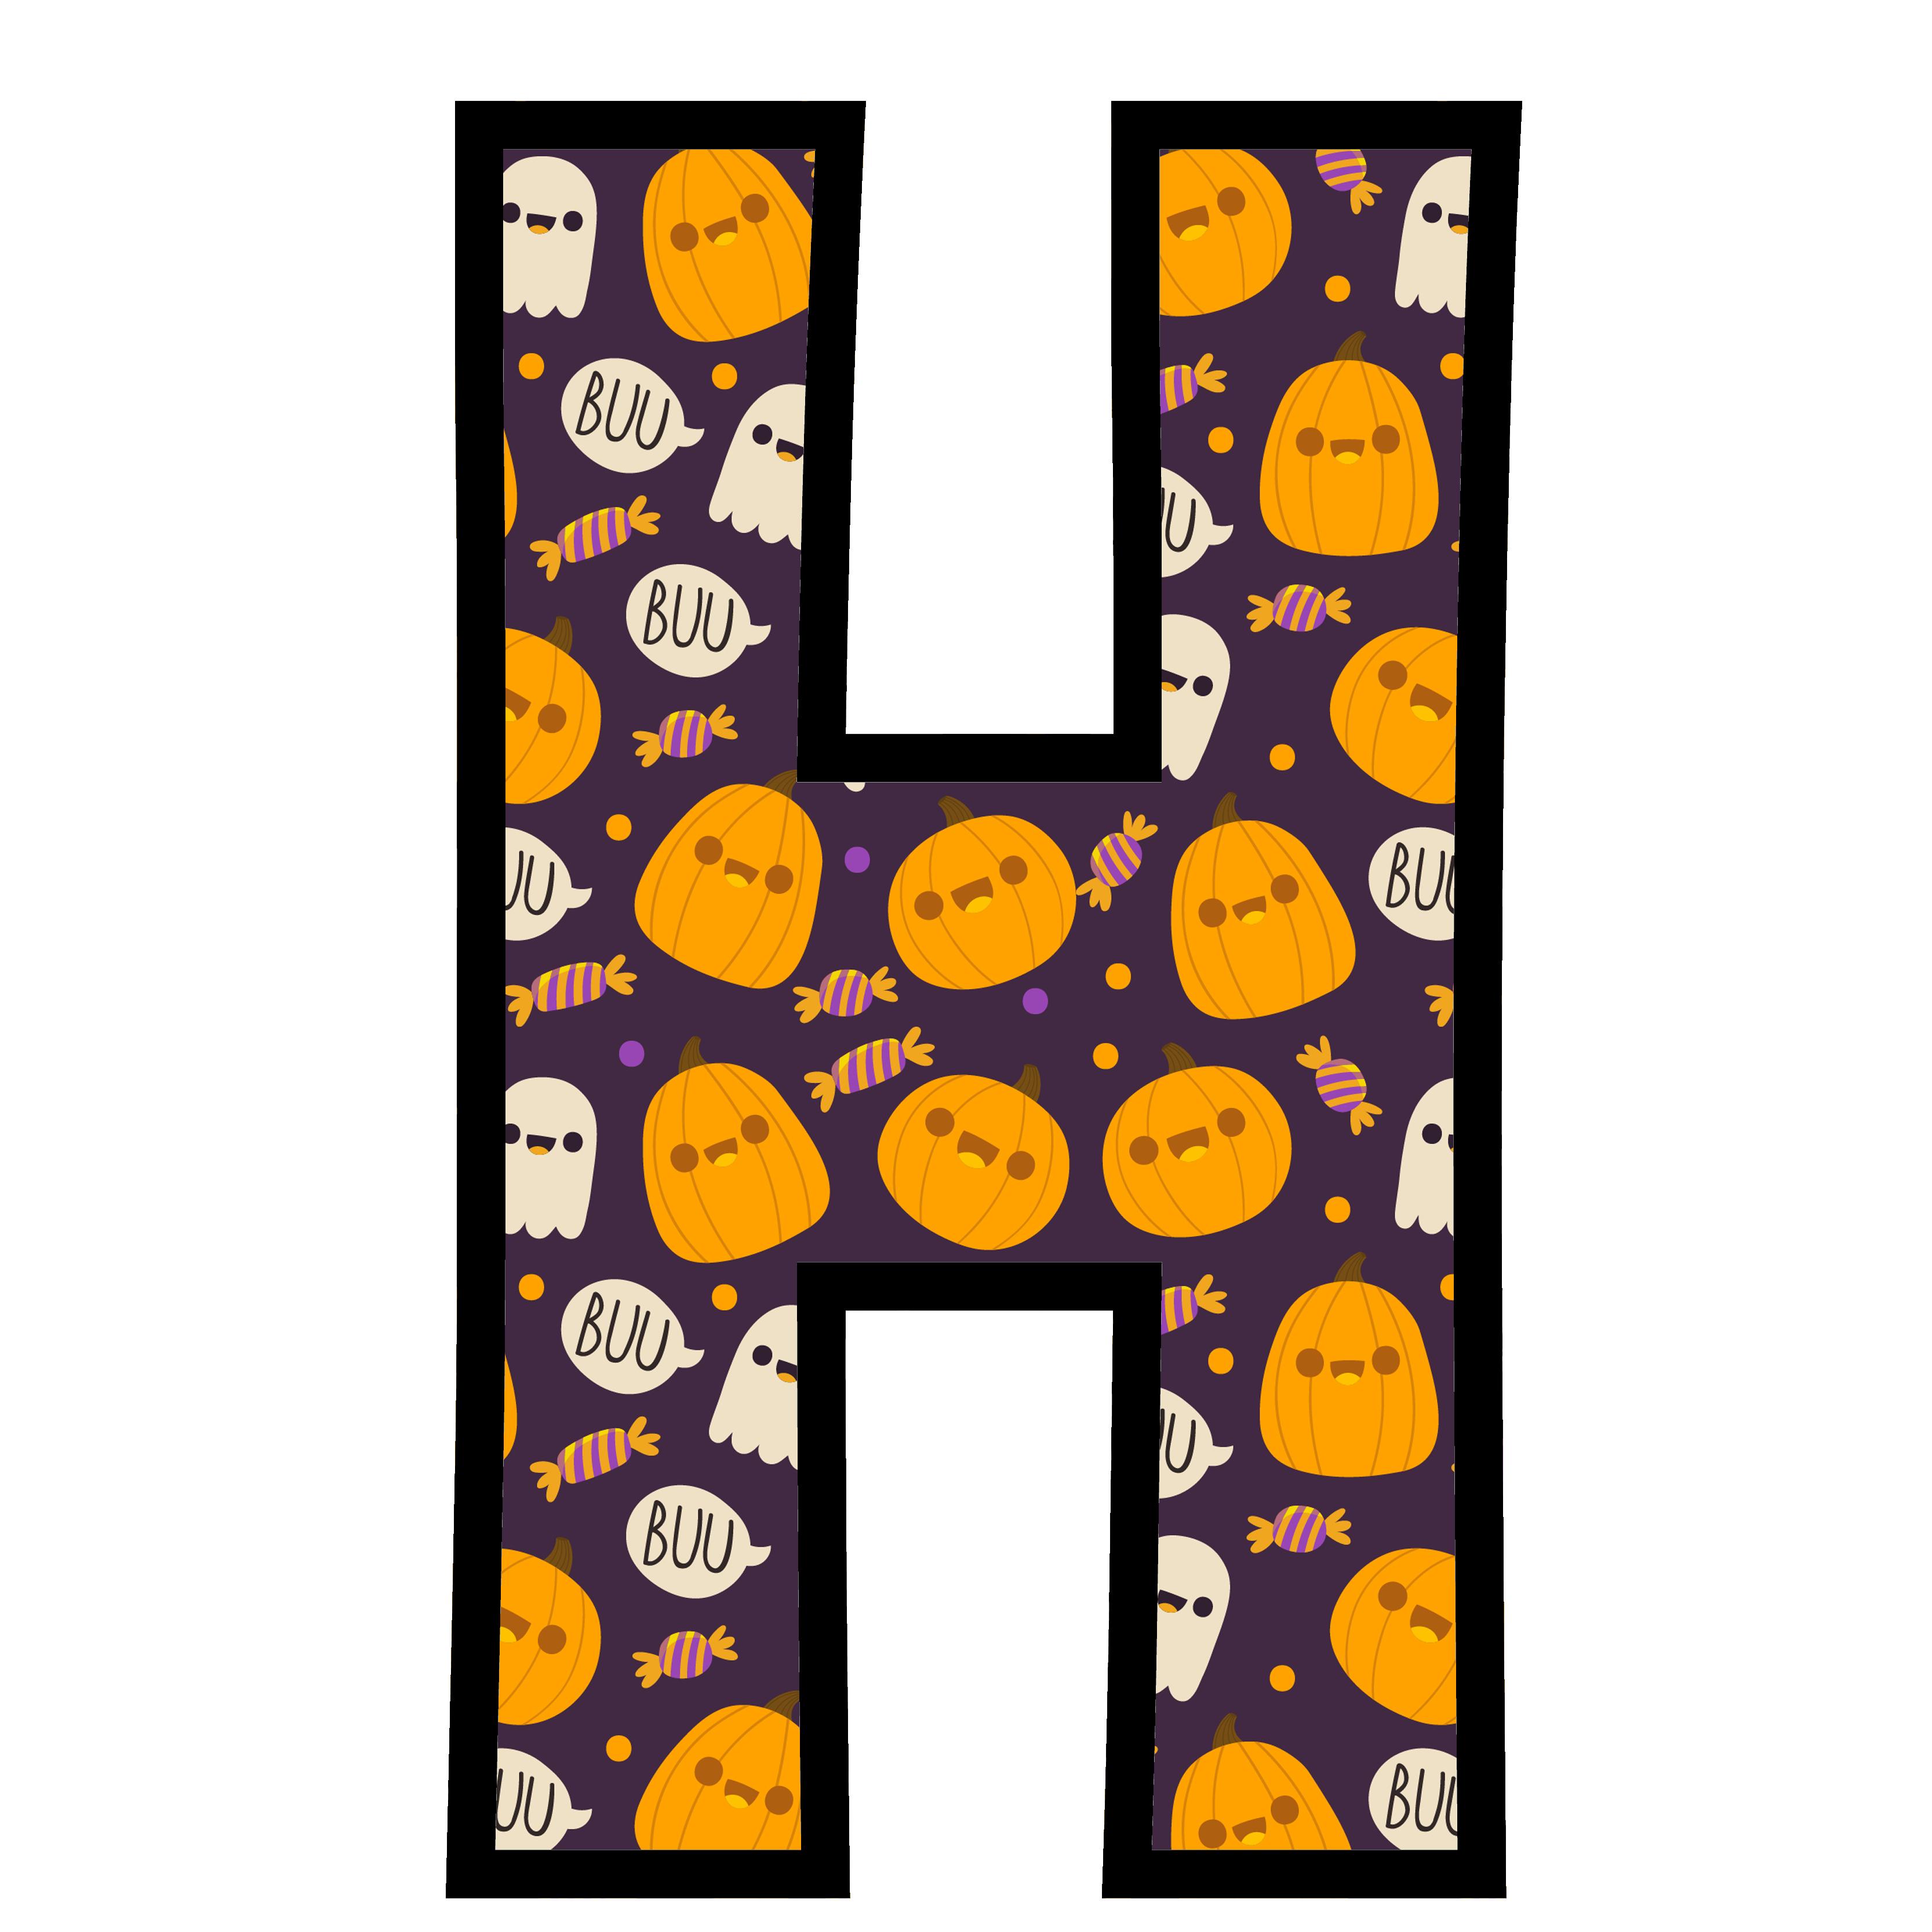 alfabeto personalizado fantasma halloween 8